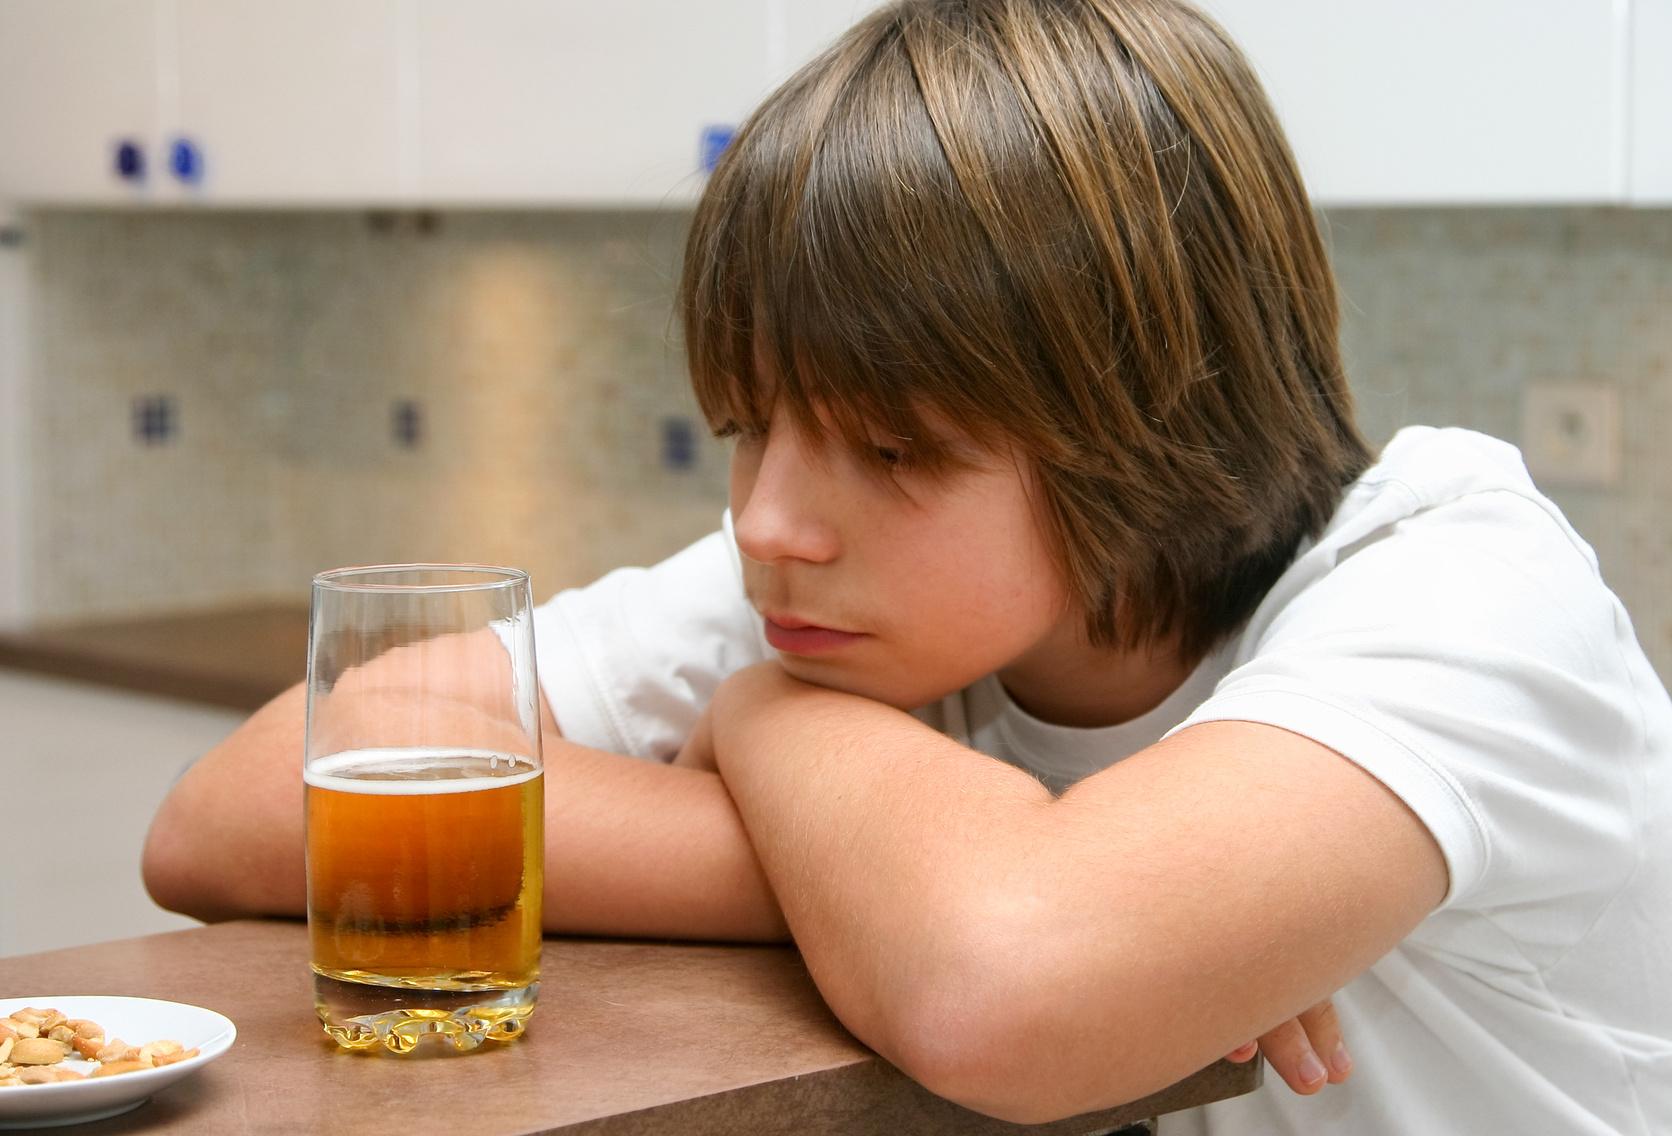 Профилактика пивного алкоголизма среди молодежи и подростков лечение алкоголизм лекарствами